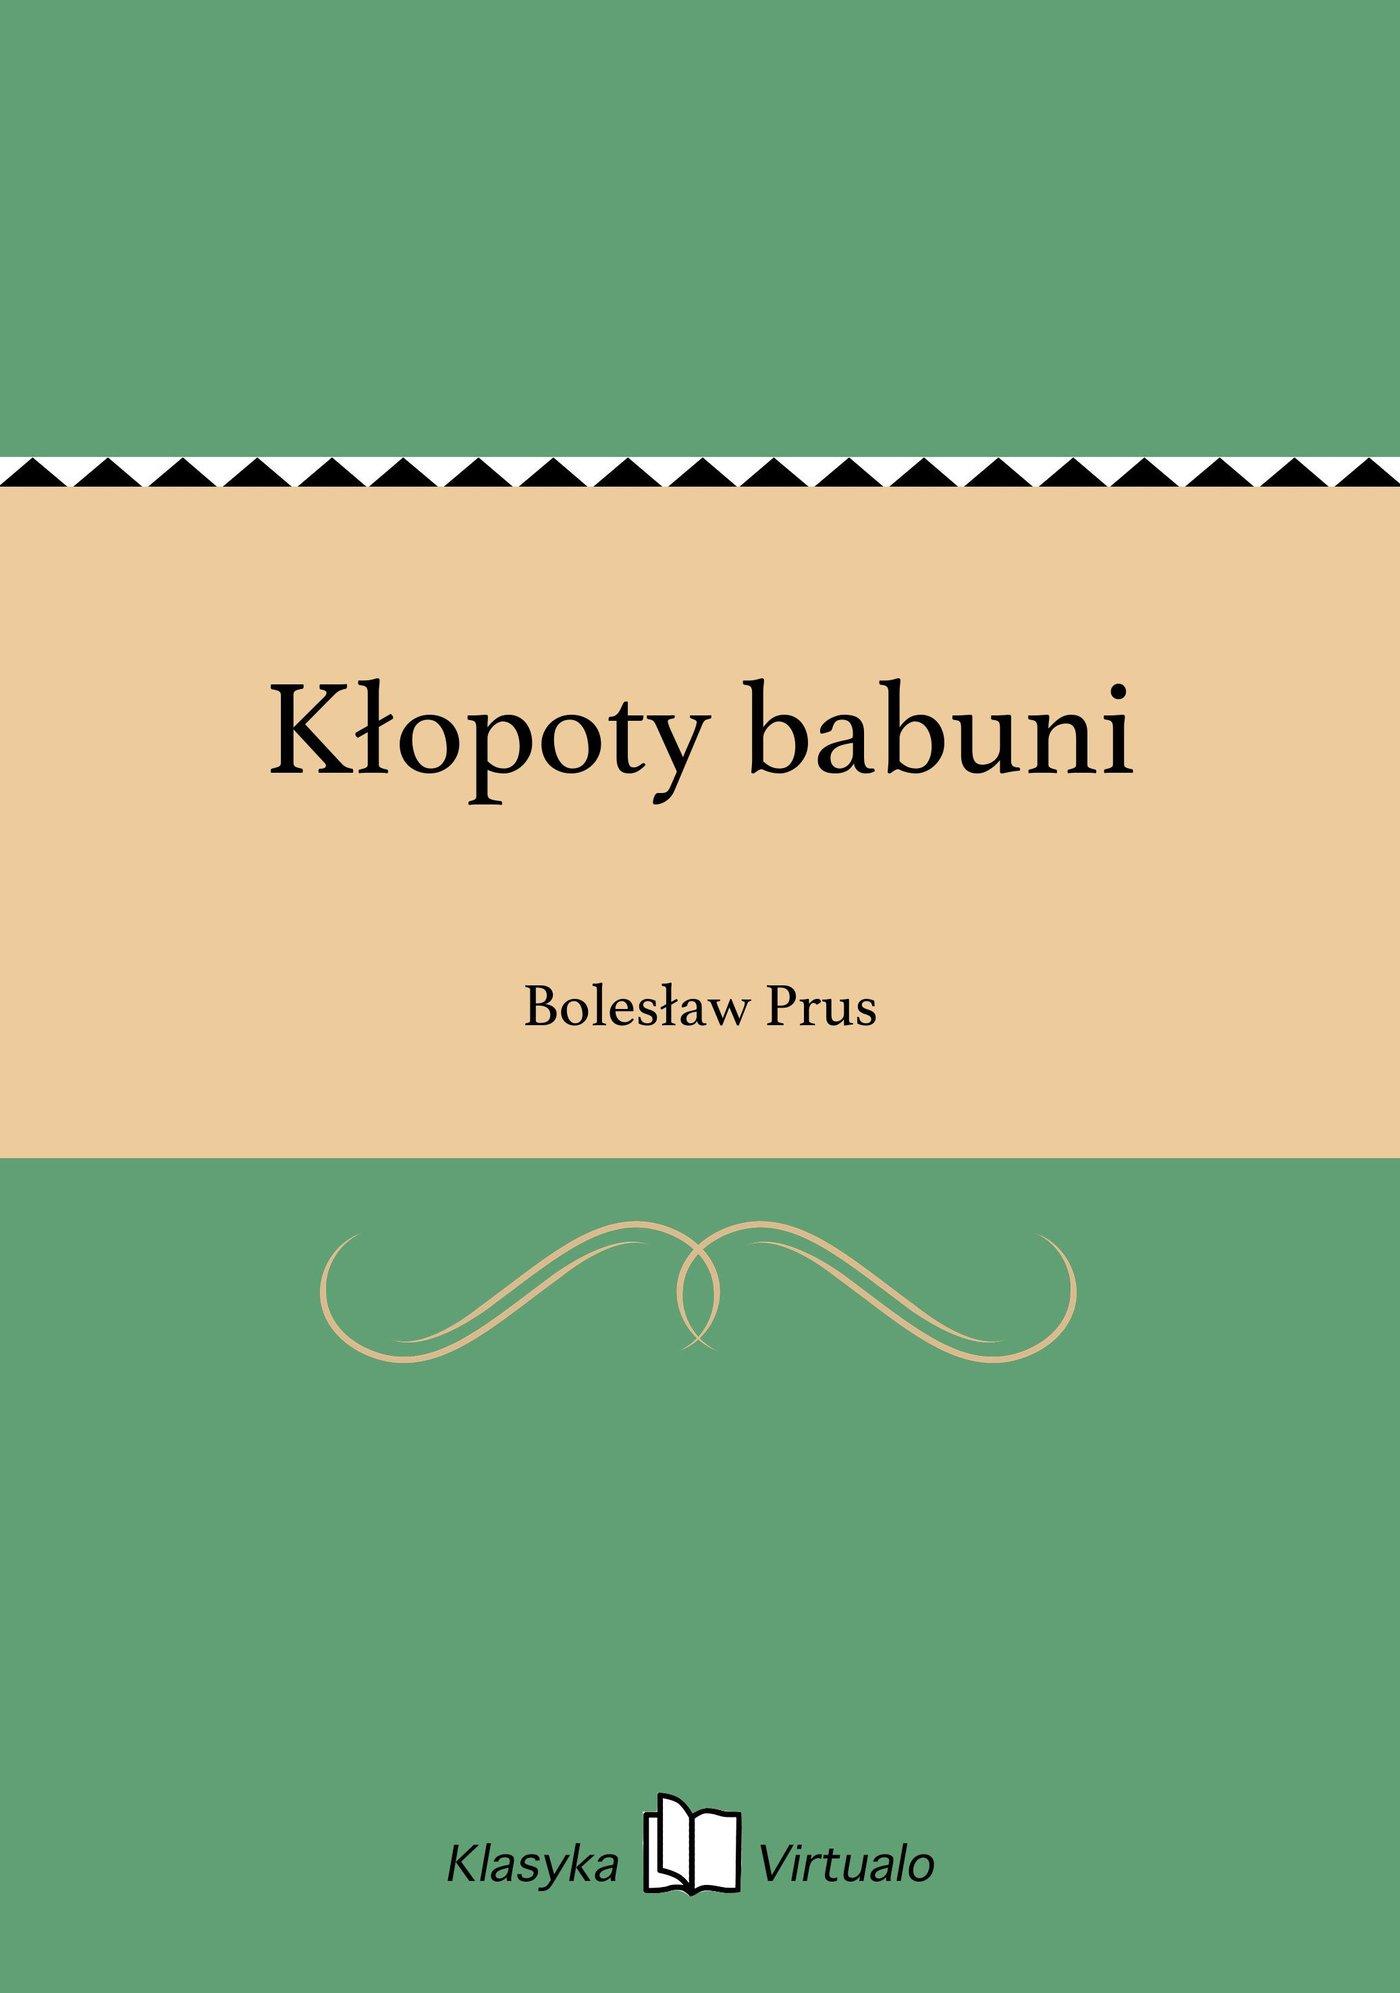 Kłopoty babuni - Ebook (Książka EPUB) do pobrania w formacie EPUB